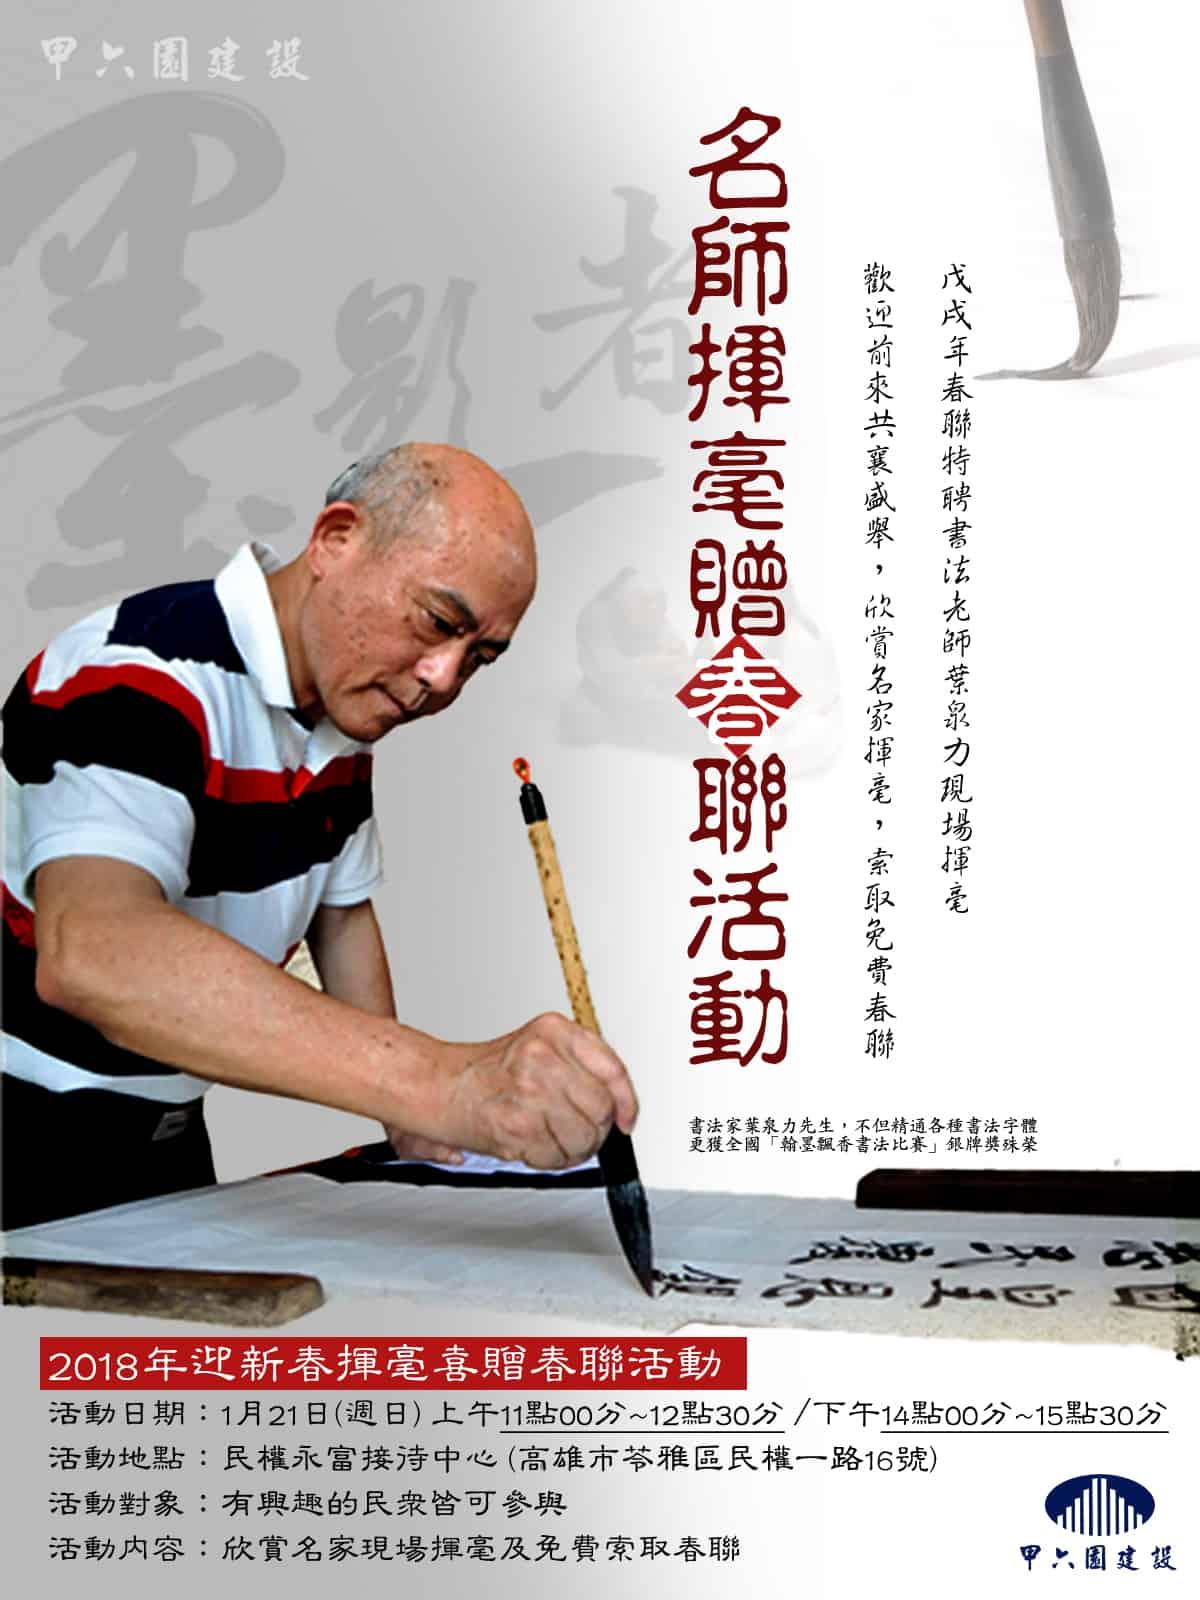 圖片:【民權永富】名師揮毫贈春聯活動